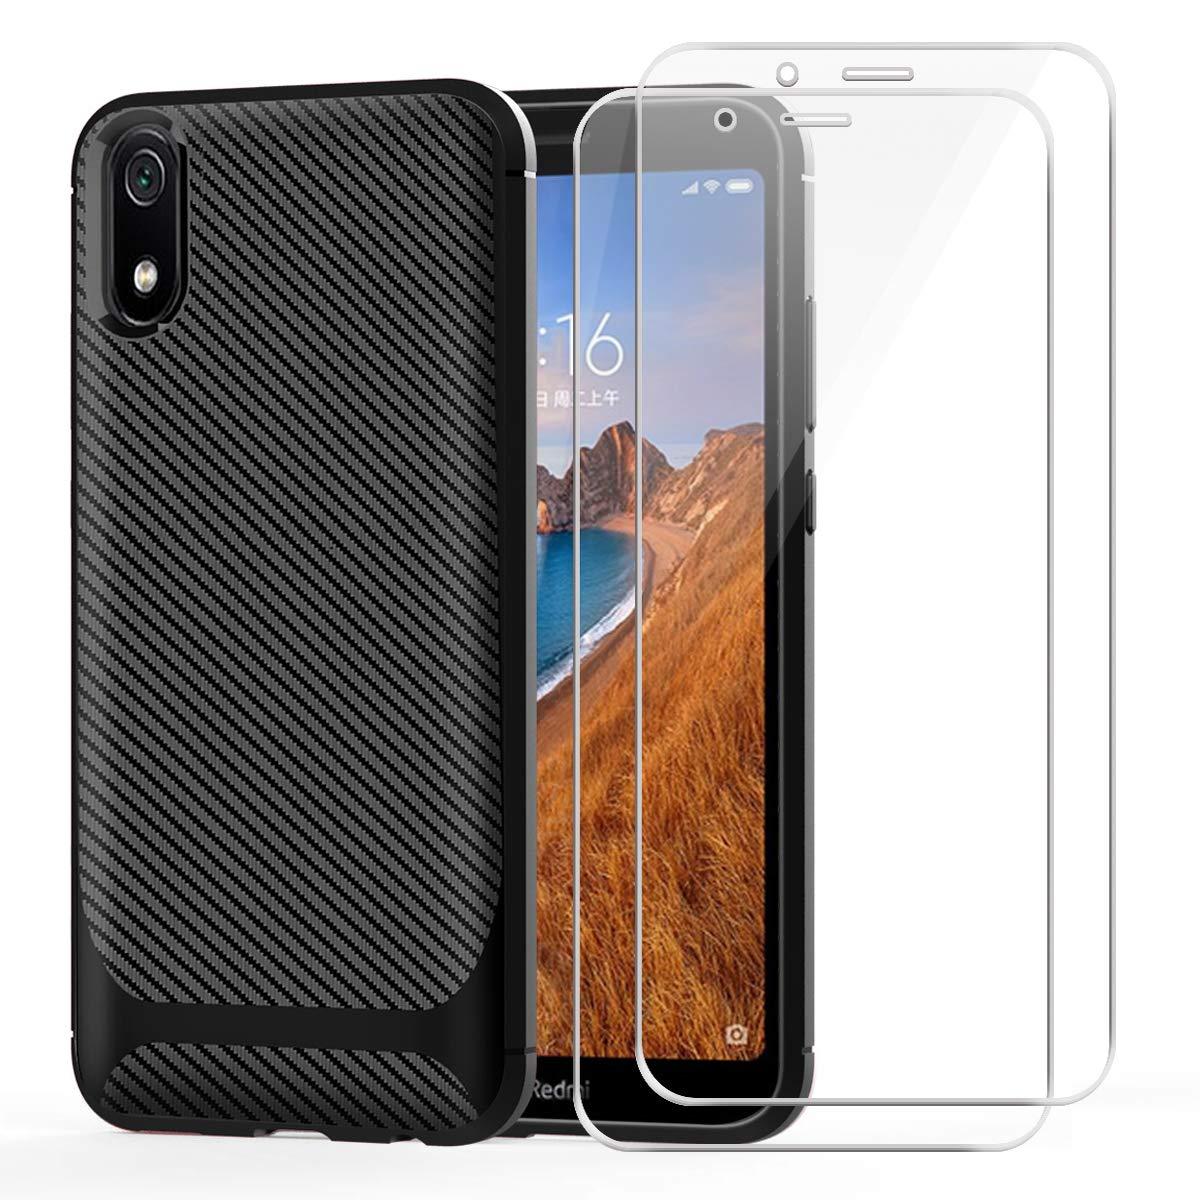 kaliter Funda para Xiaomi Redmi 7A, Fibra de Carbono Funda Case Carcasa Negro Smartphone de Silicona antiarañazos Funda con Dos Protectores de Pantalla de Vidrio Templado (5,45 Pulgadas): Amazon.es: Electrónica